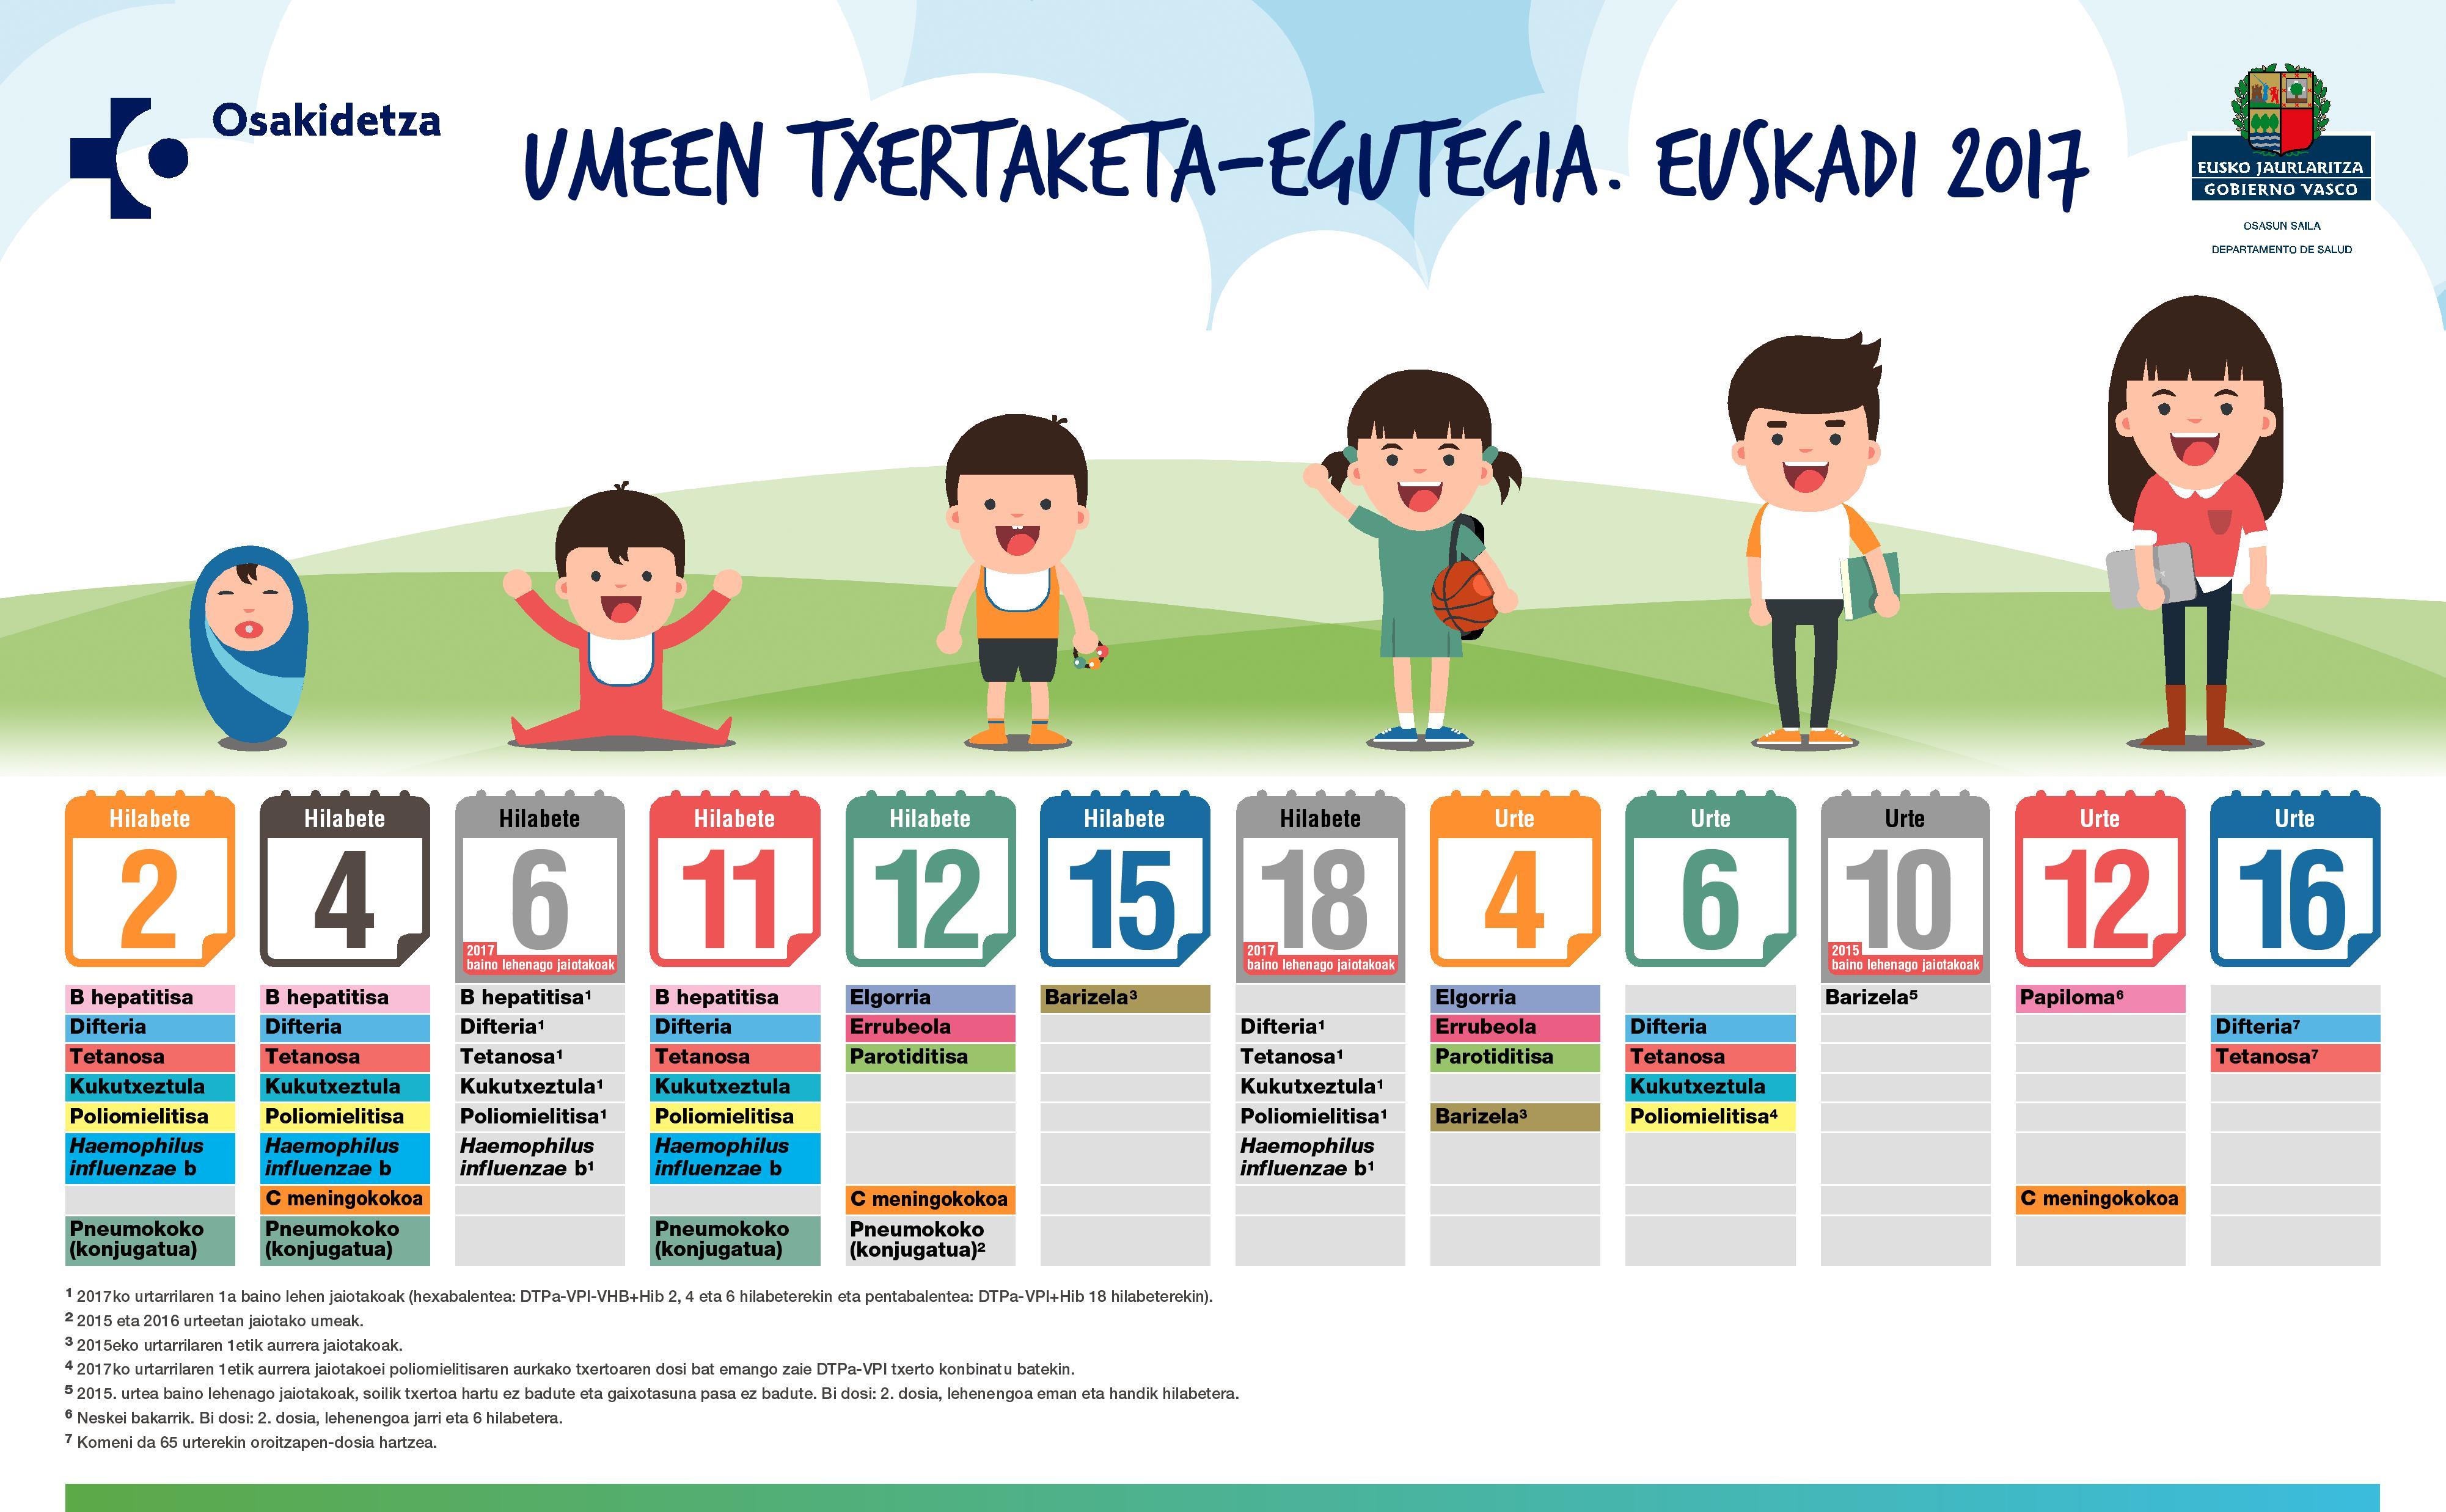 http://www.osakidetza.euskadi.eus/contenidos/informacion/calendario_vacunaciones/eu_def/images/umeen-txertaketa-egutegia-euskadi-2017.jpg